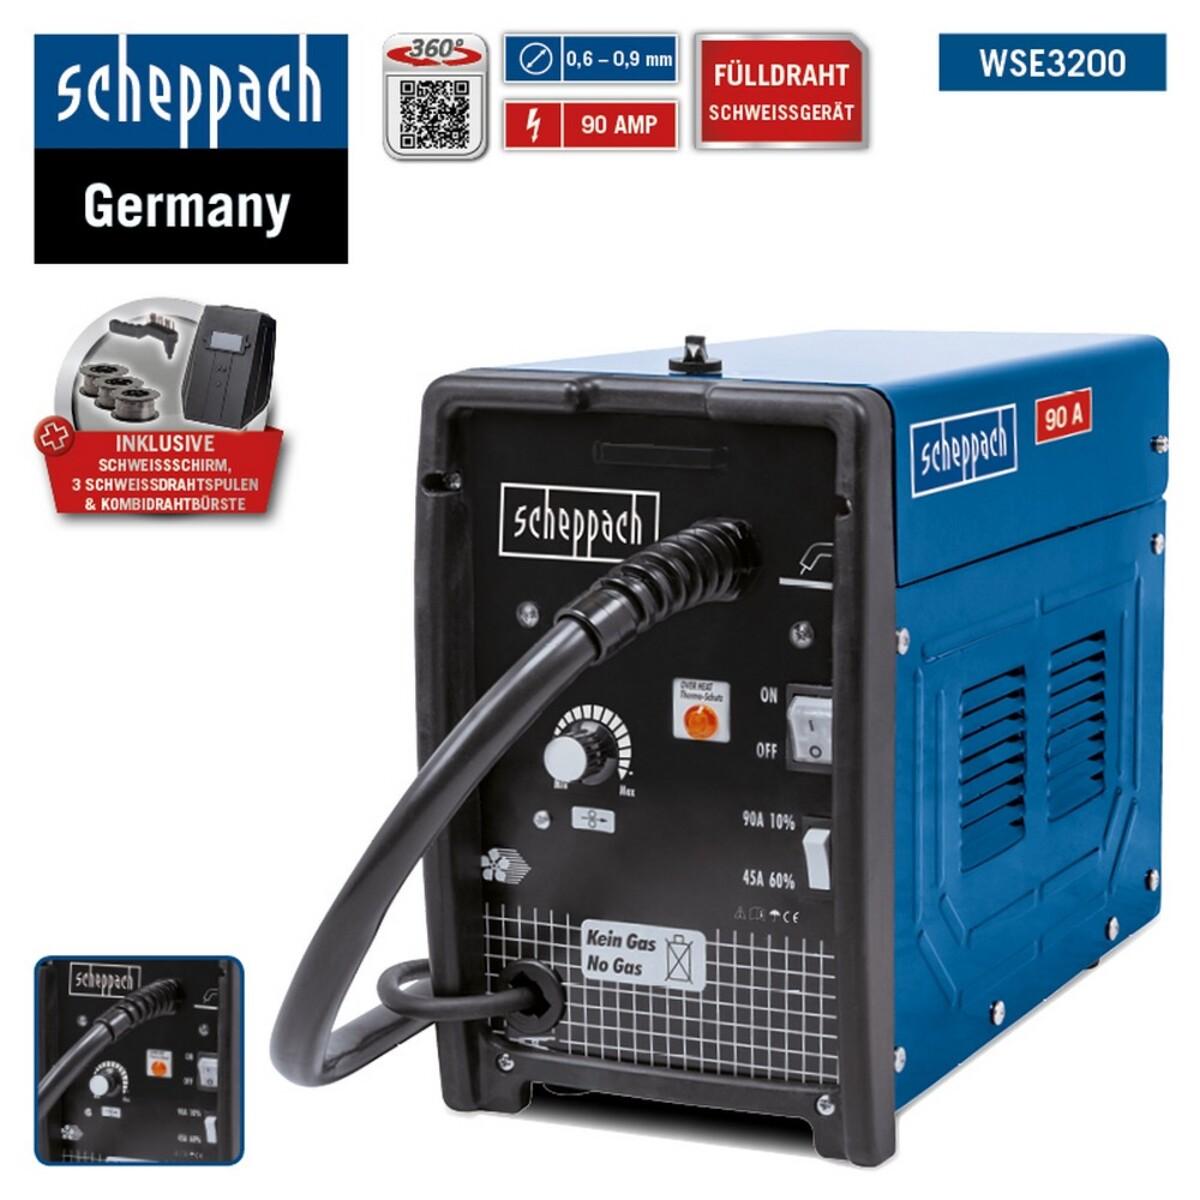 Bild 1 von Scheppach Schweissgerät WSE3200